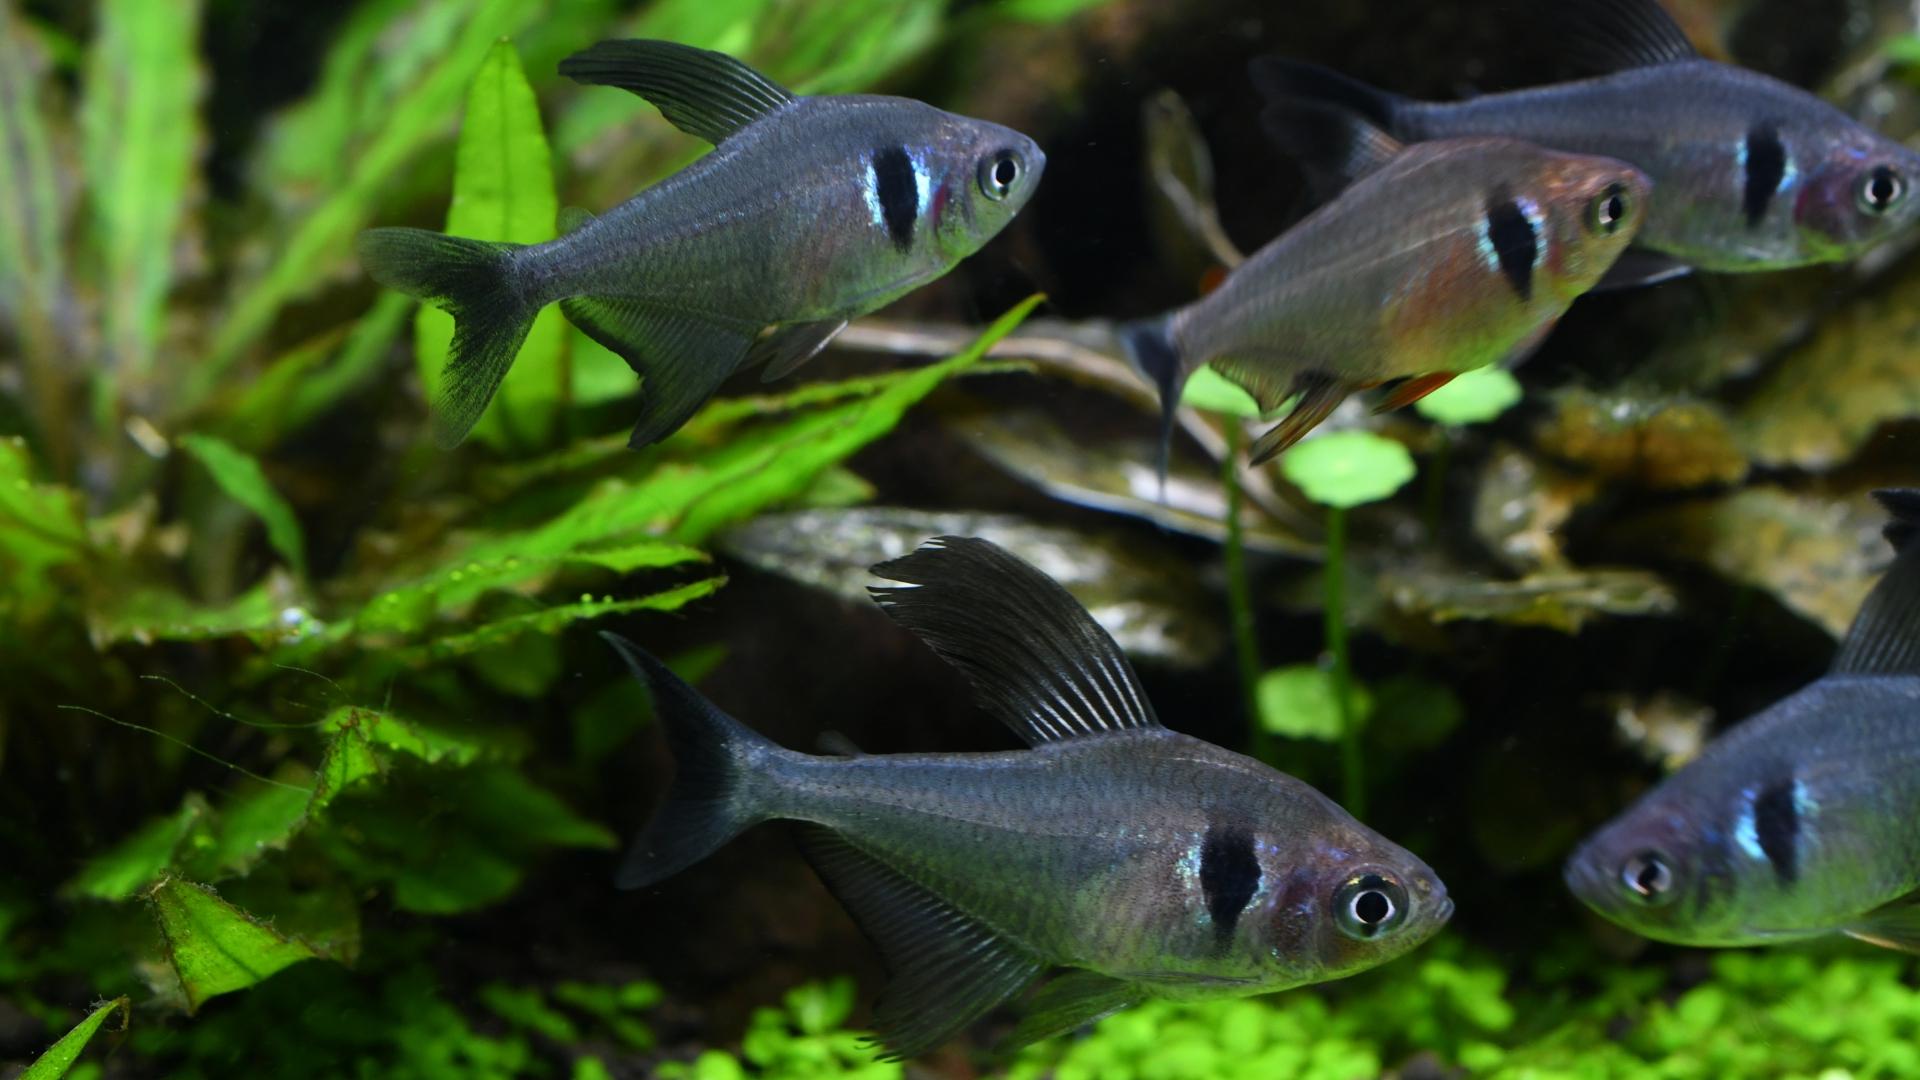 熱帯魚ギャラリー:ブラックファントムテトラ